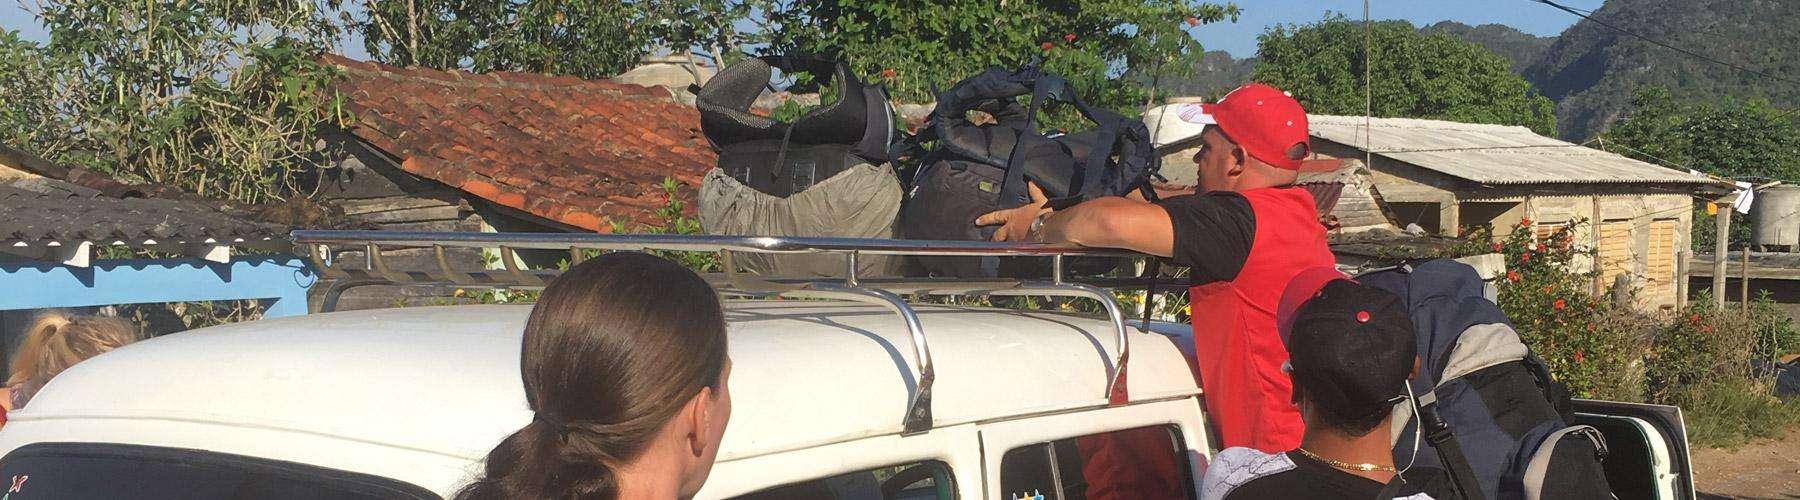 Vinales naar Cienfuegos met de taxi collectivo.